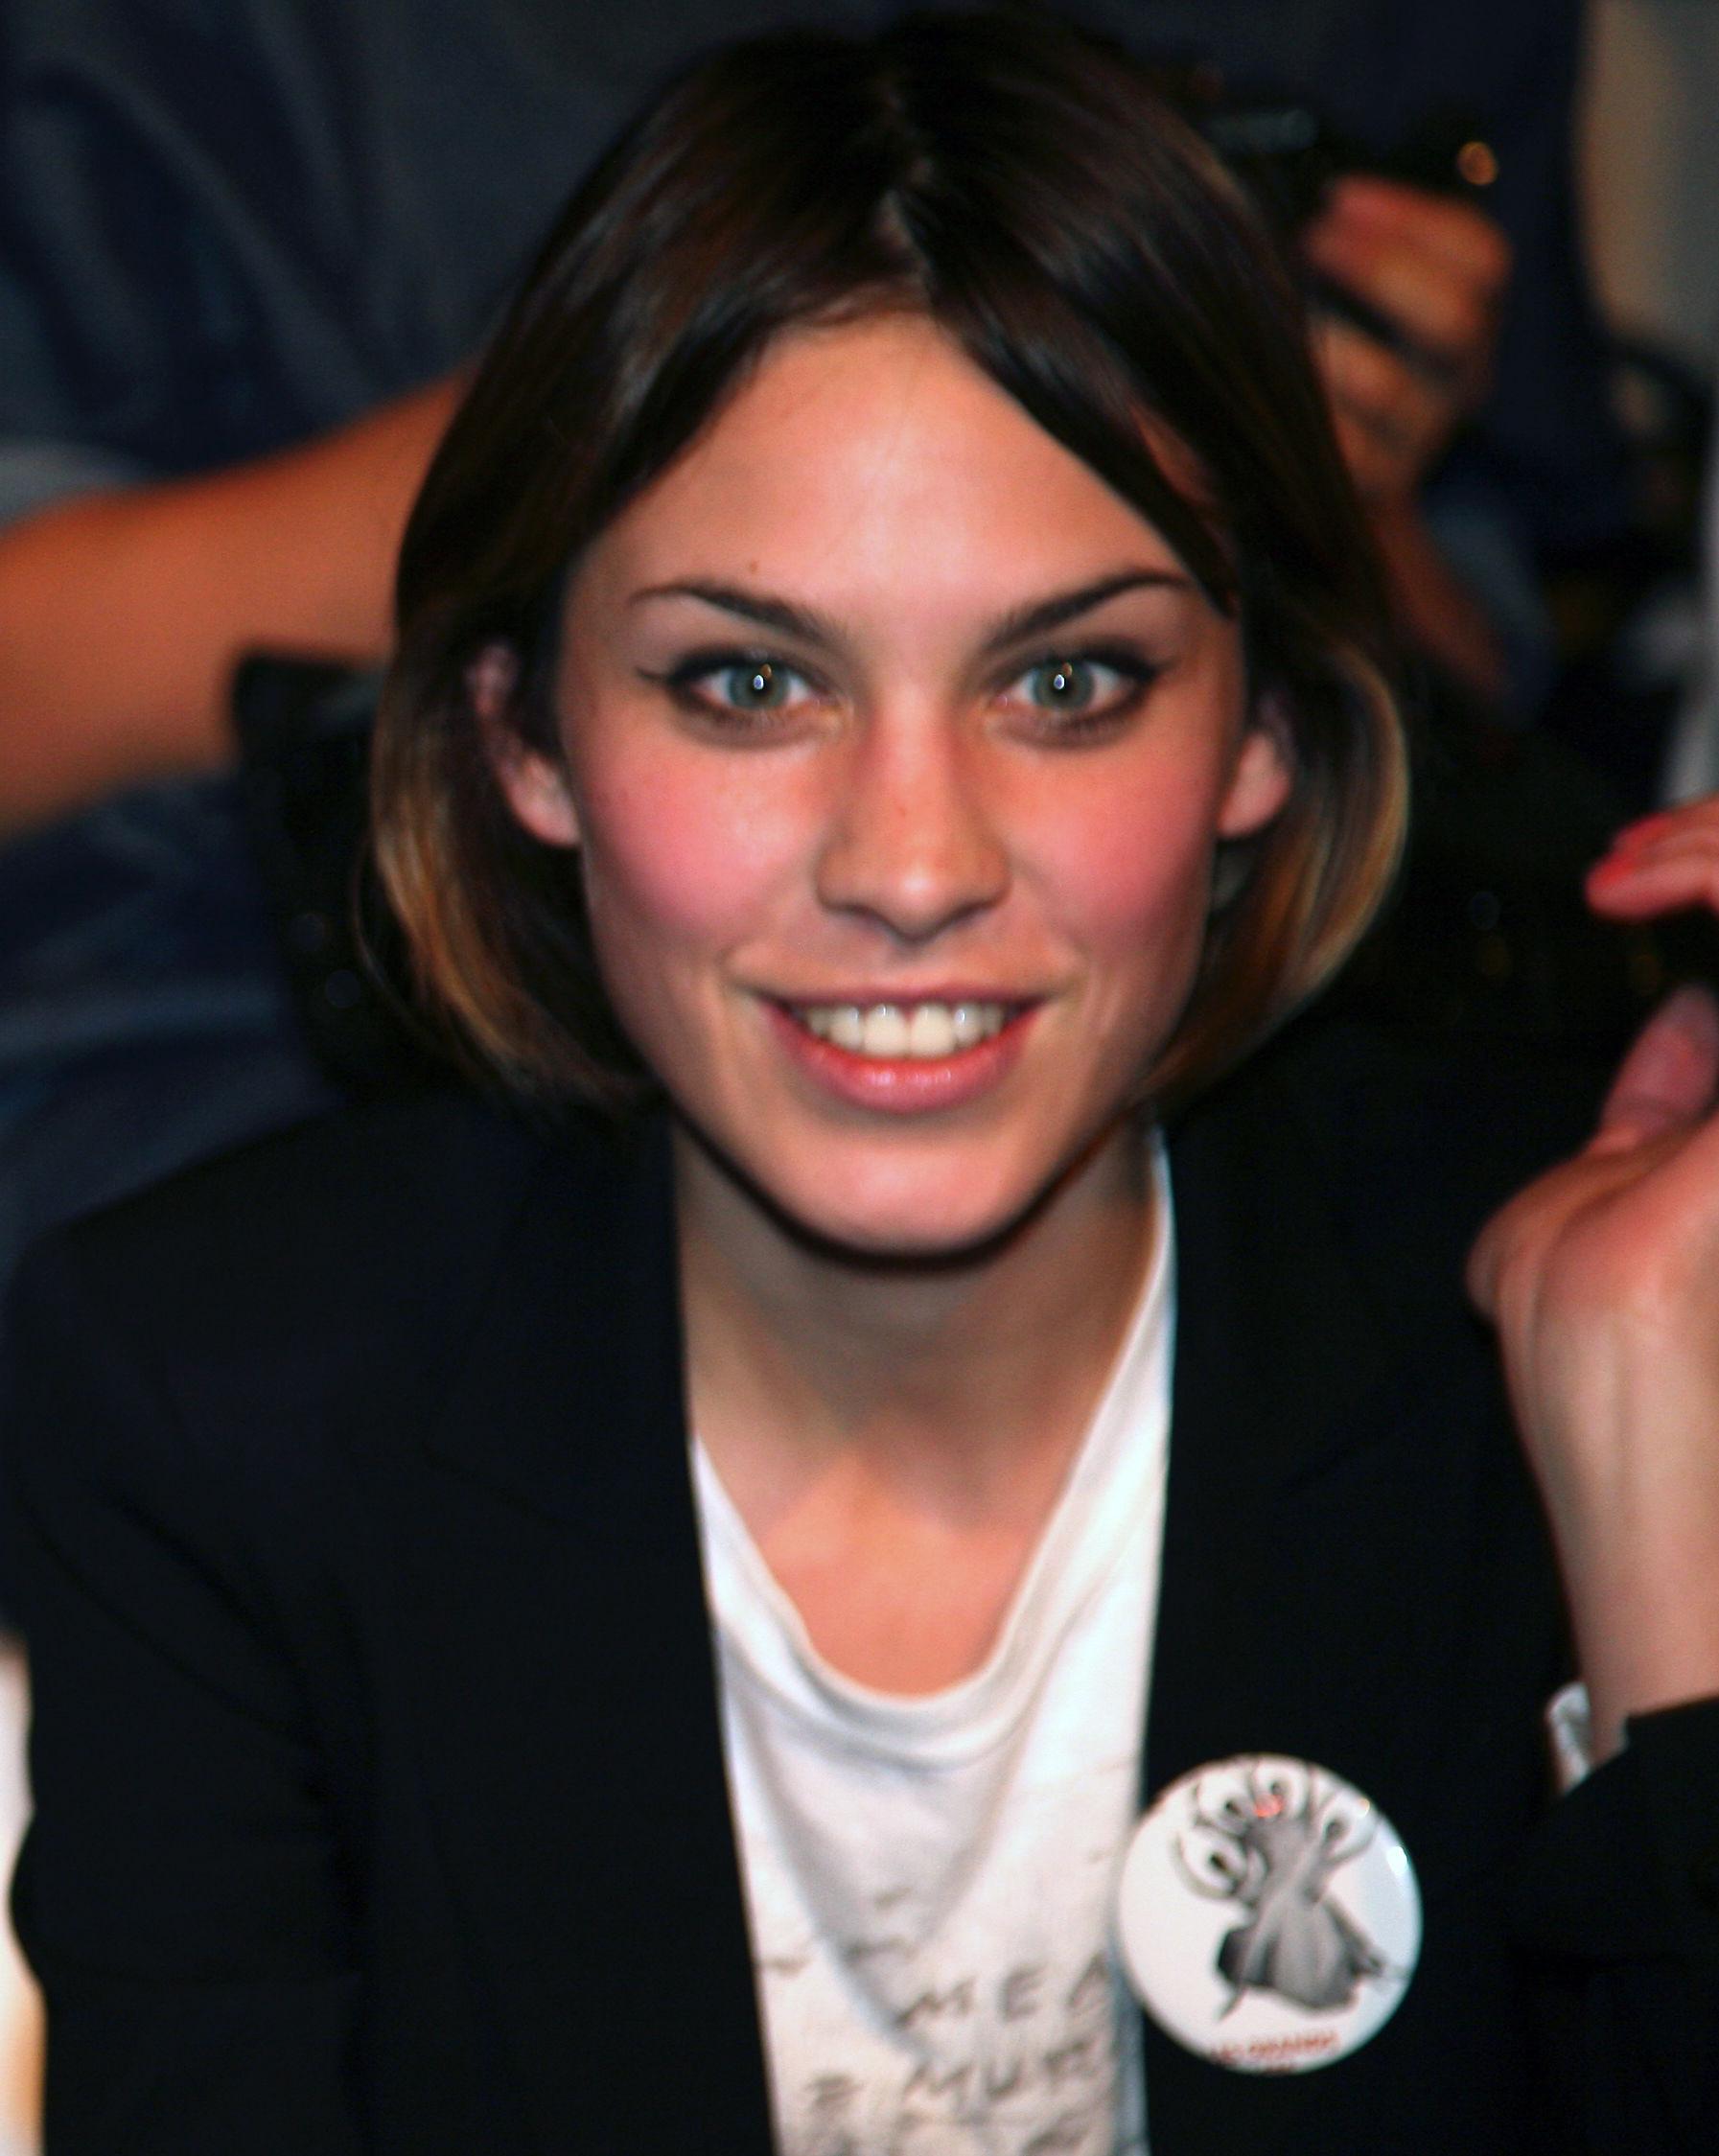 Photo of Alexa Chung: English television presenter, model and contributing editor at British Vogue